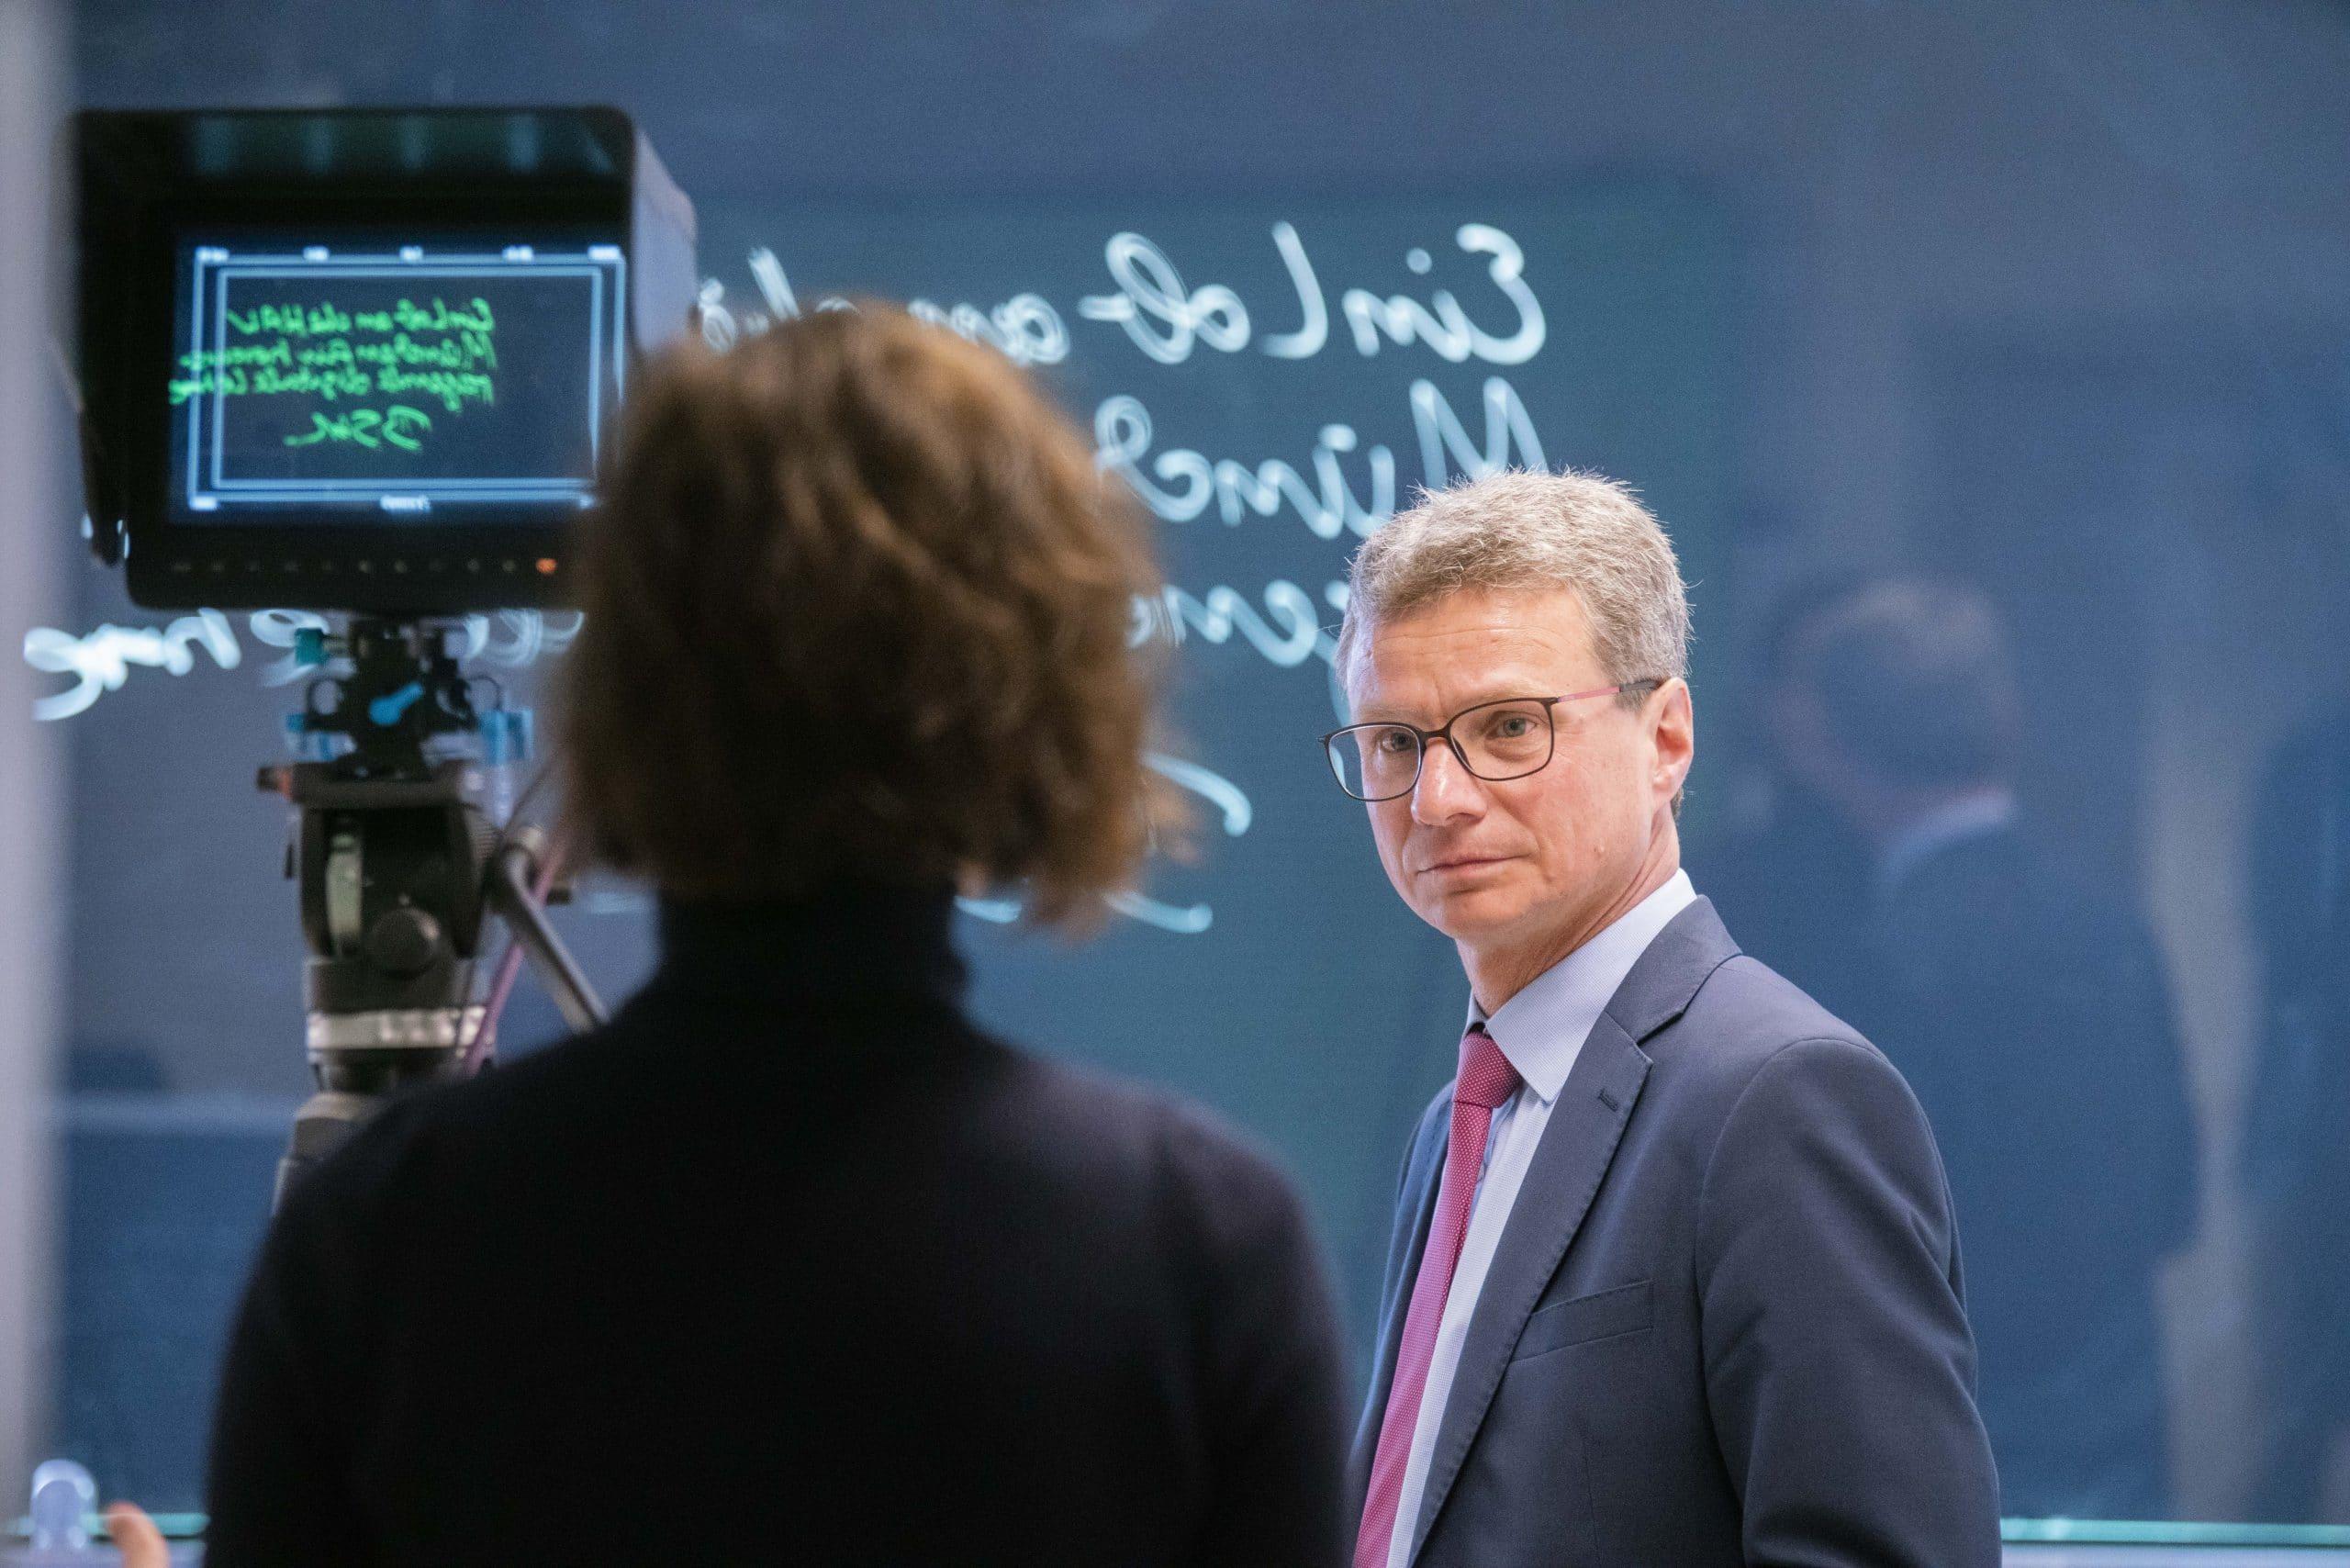 Vorlesungsbetrieb startet am 20. April Bayerns Hochschulen setzen auf Online-Lehre